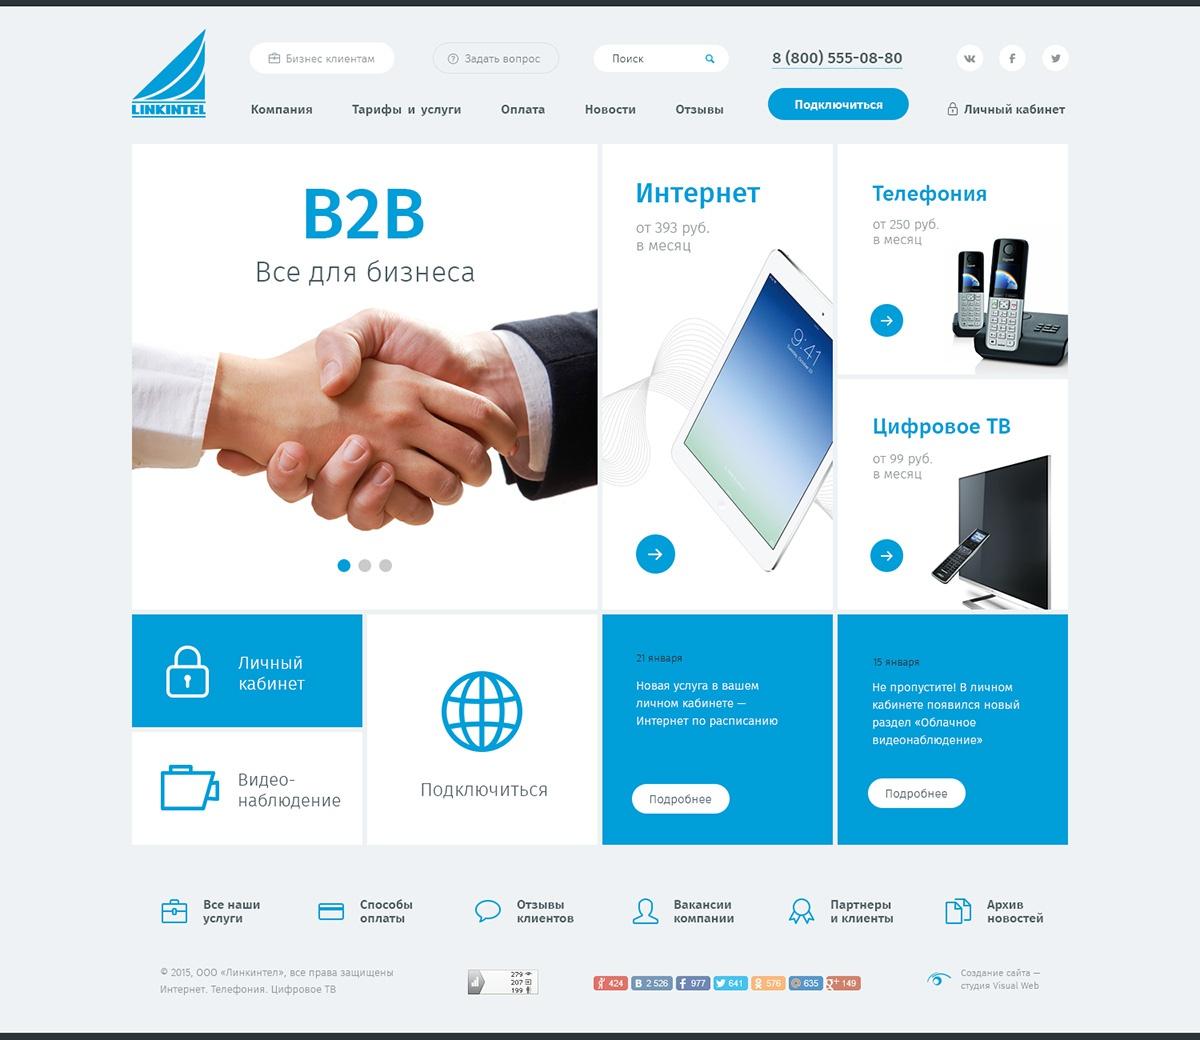 Главная страница сайта — акцент на основных услугах компании